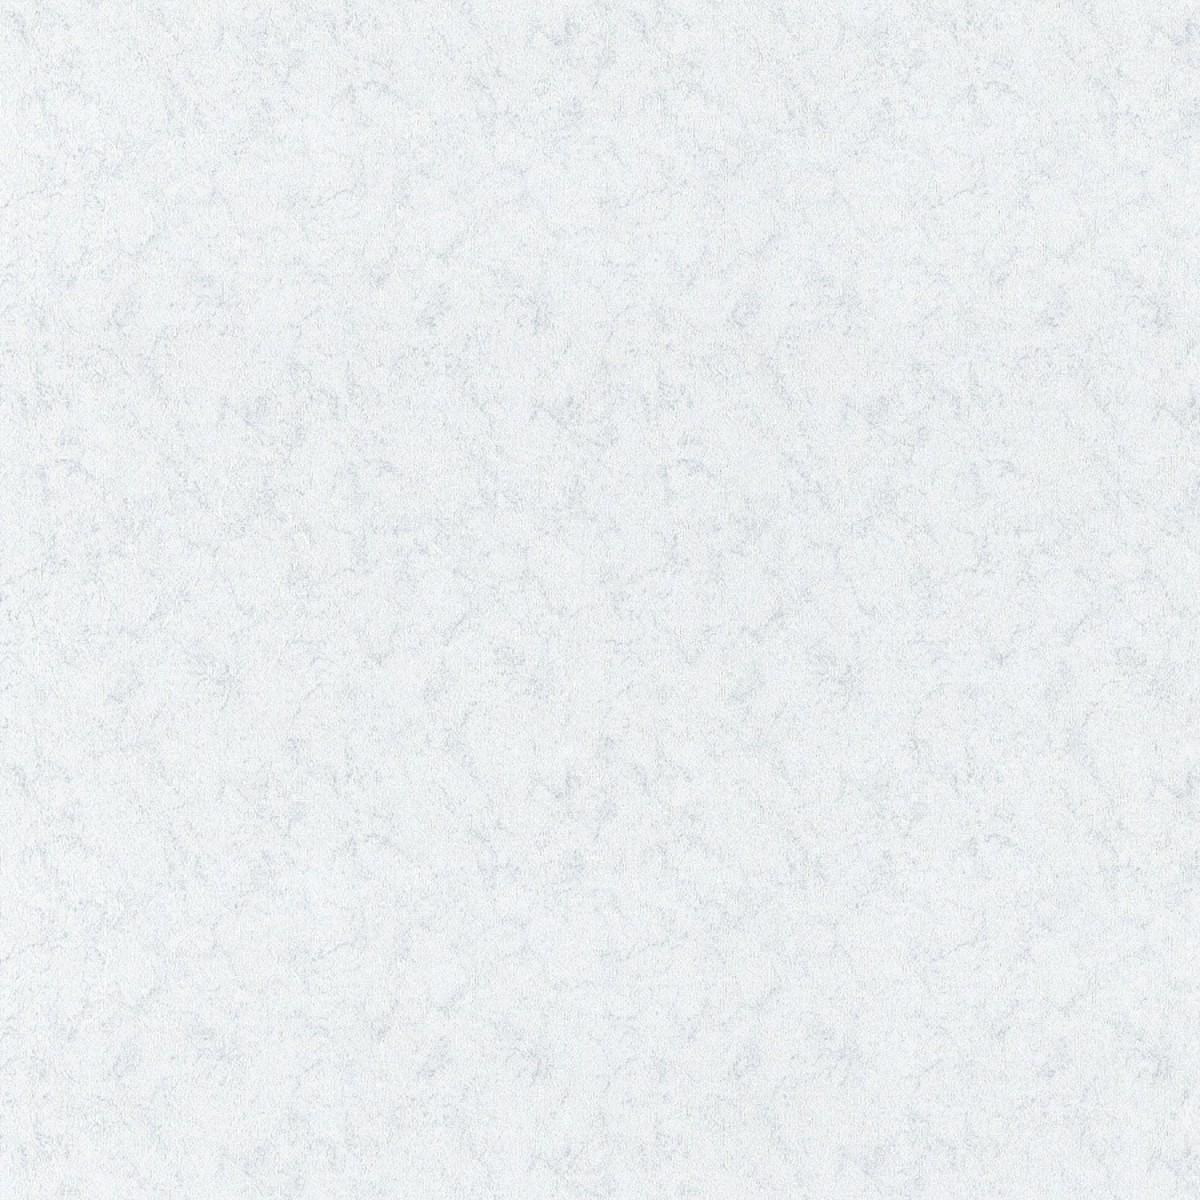 Обои флизелиновые Белвинил Арго белые 1389-21 1.06 м